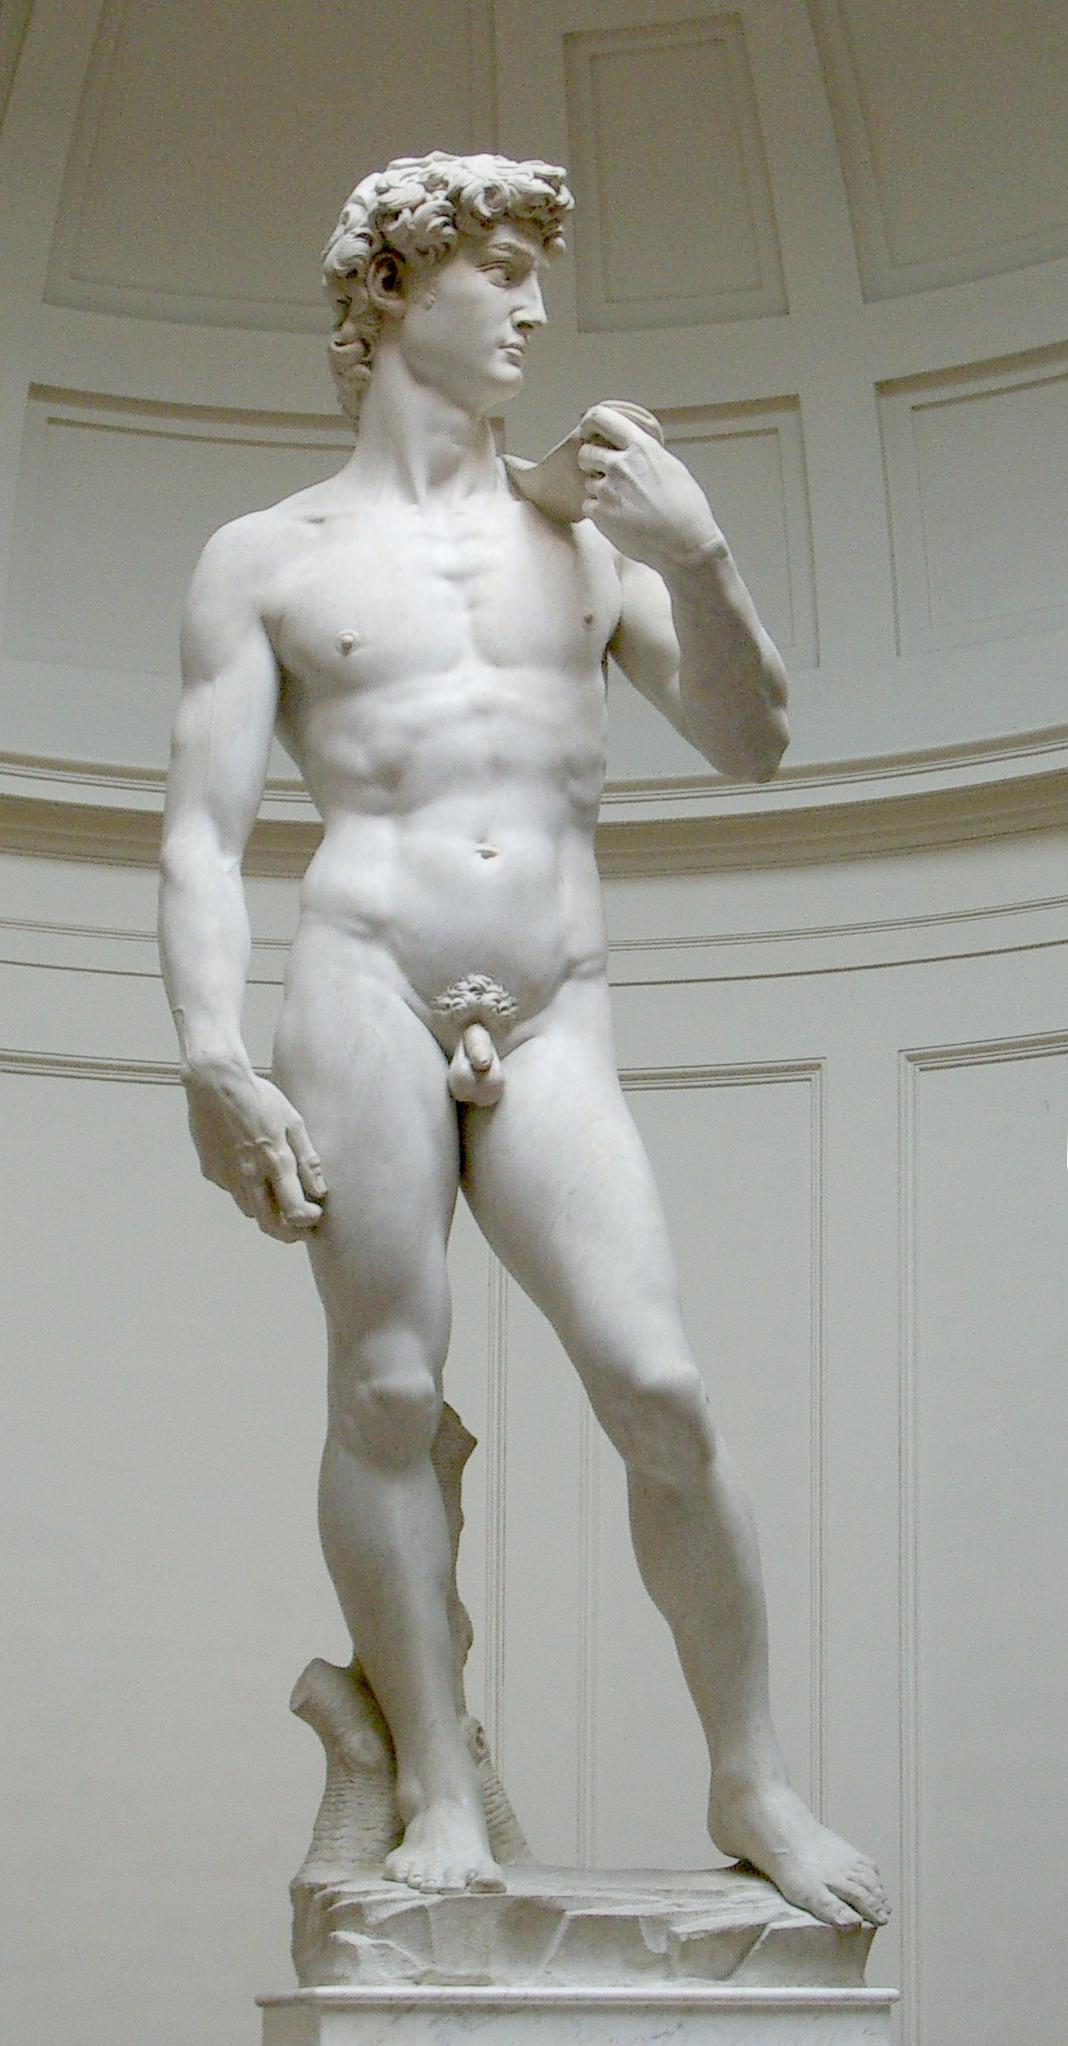 el David, en la Galleria de la Accademia (foto de Wikipedia)